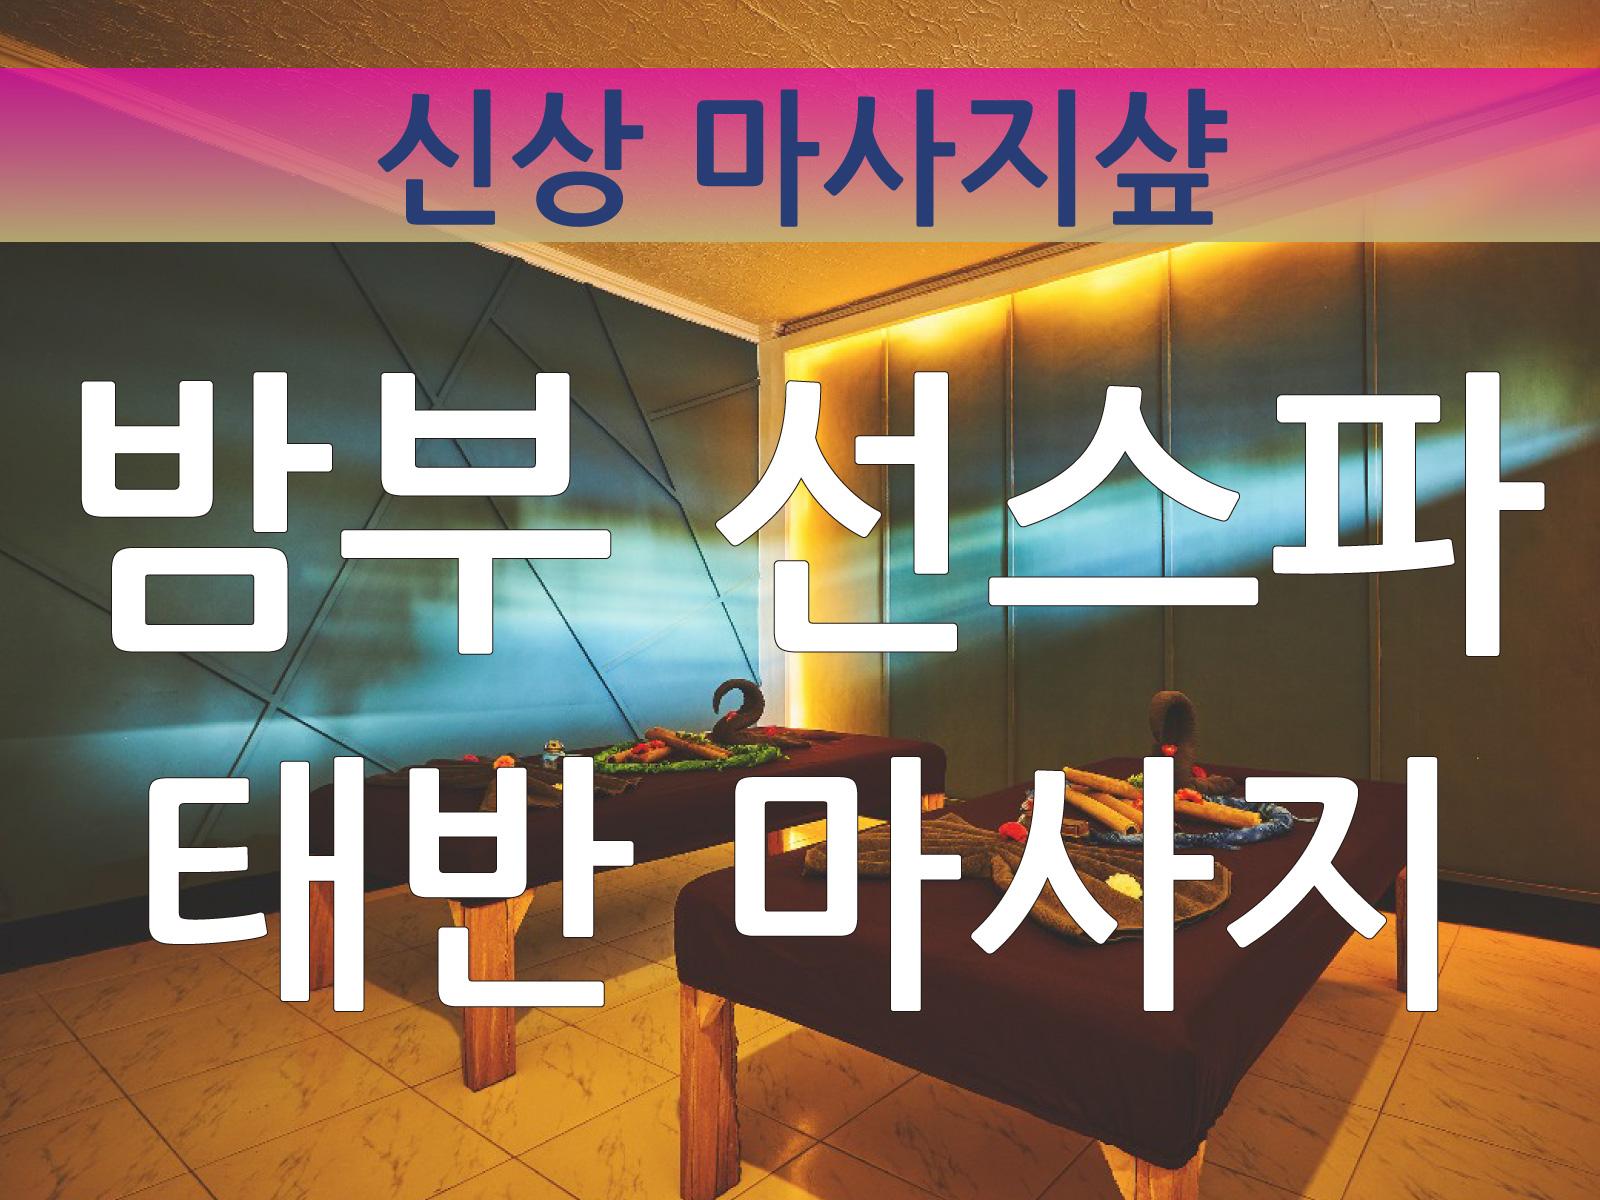 [보라카이 마사지] 밤부선스파 - 태반마사지 - 2시간